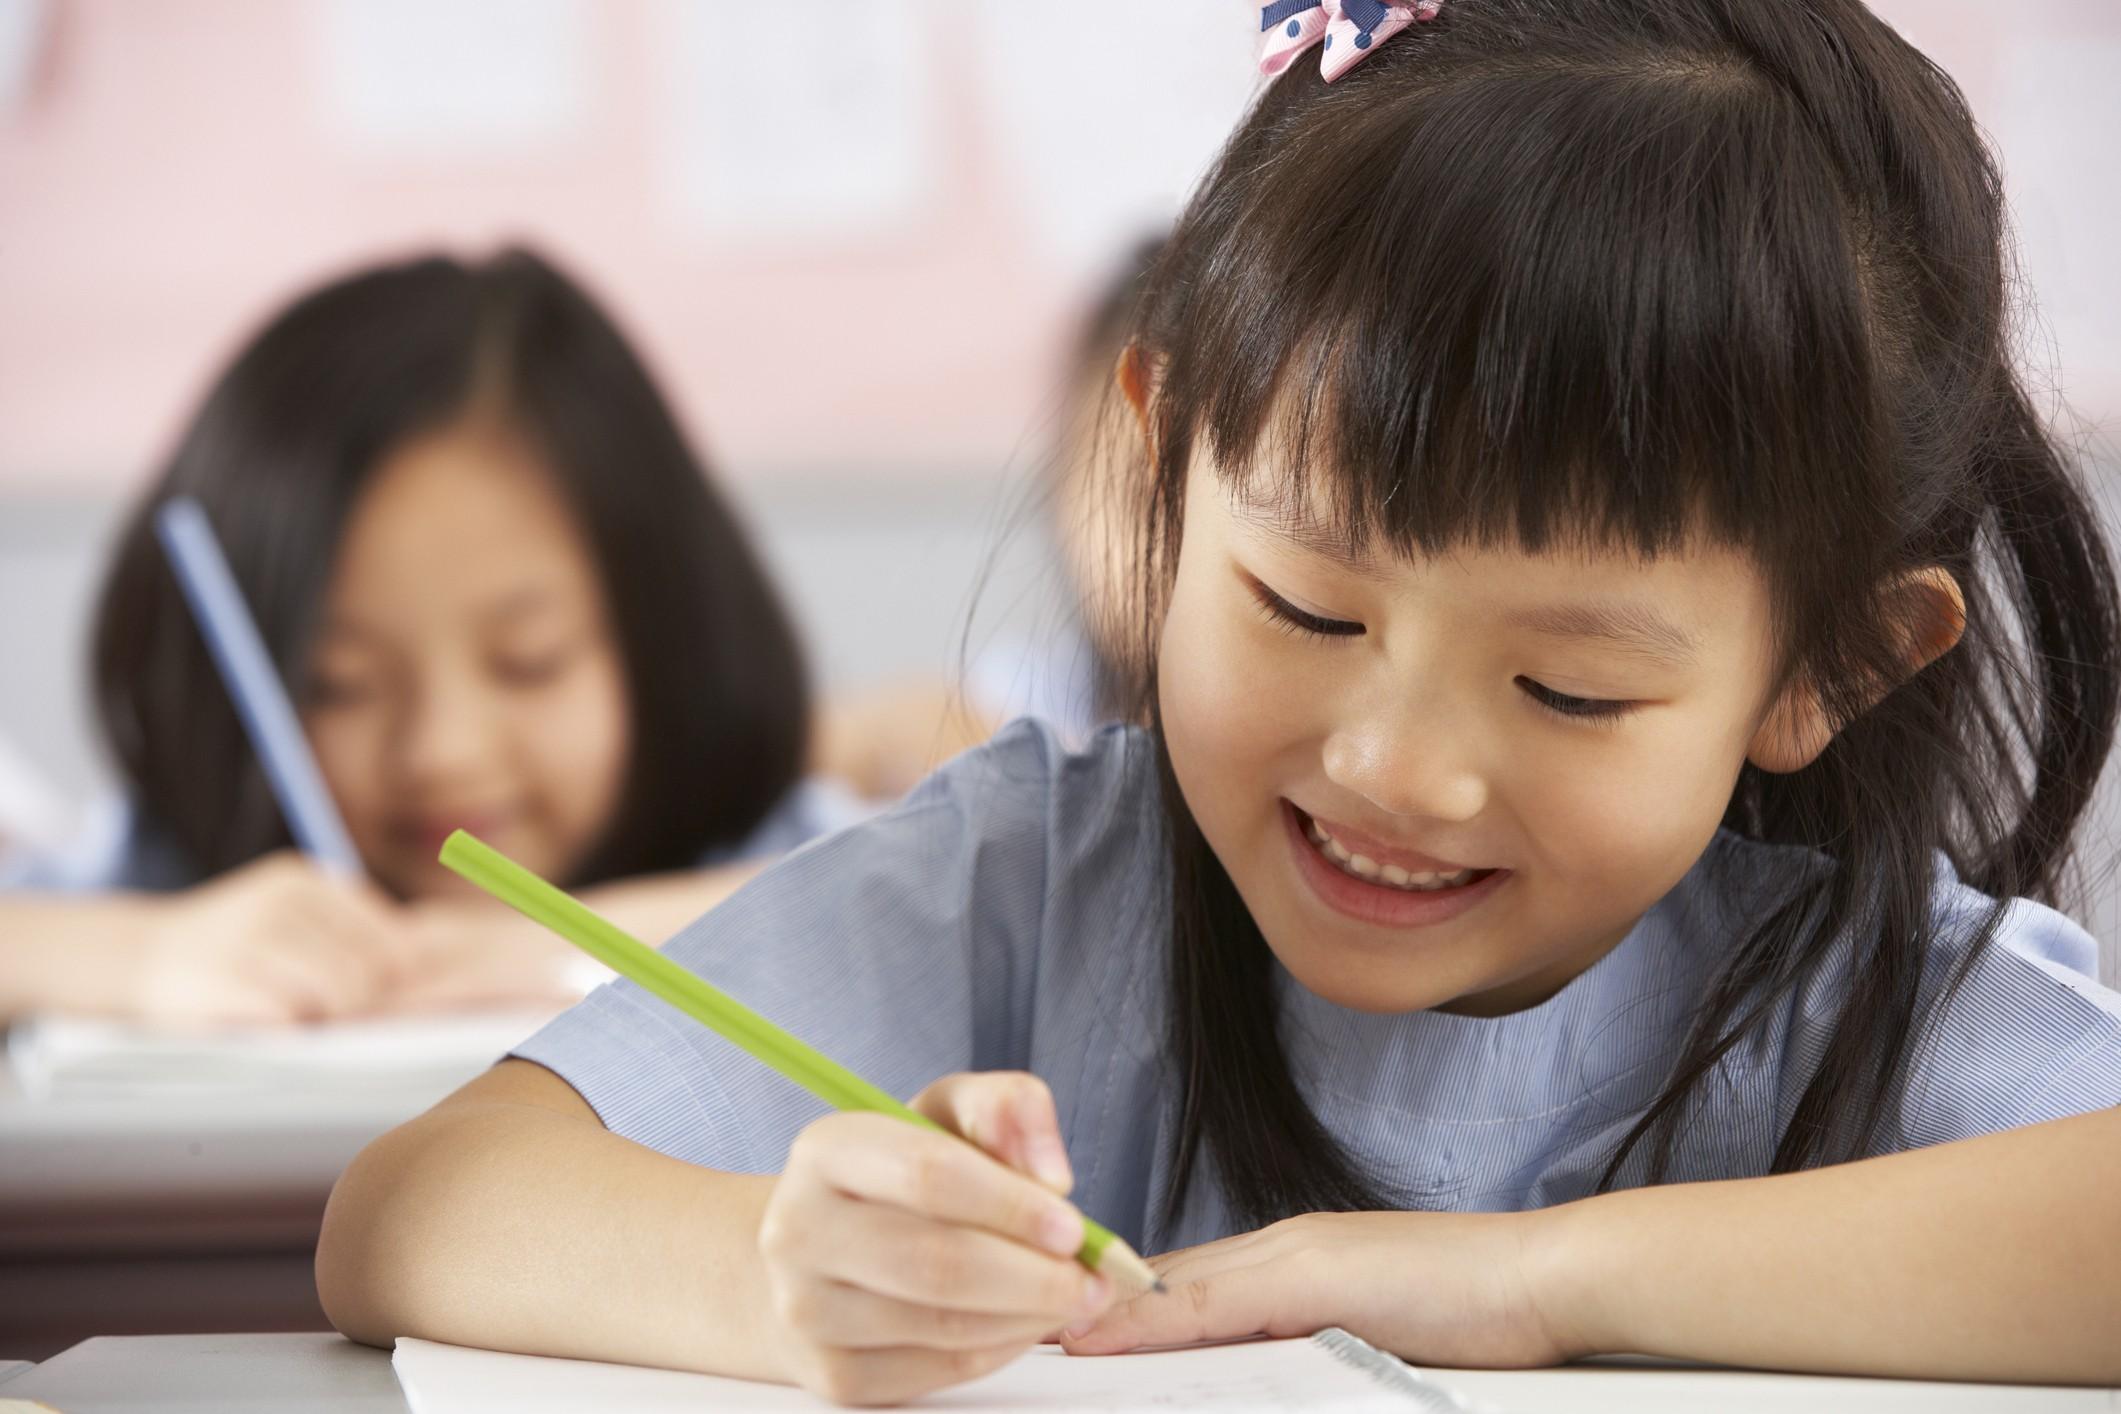 3 problemas das crianças em sala de aula e como pais podem ajudar a resolvê-los